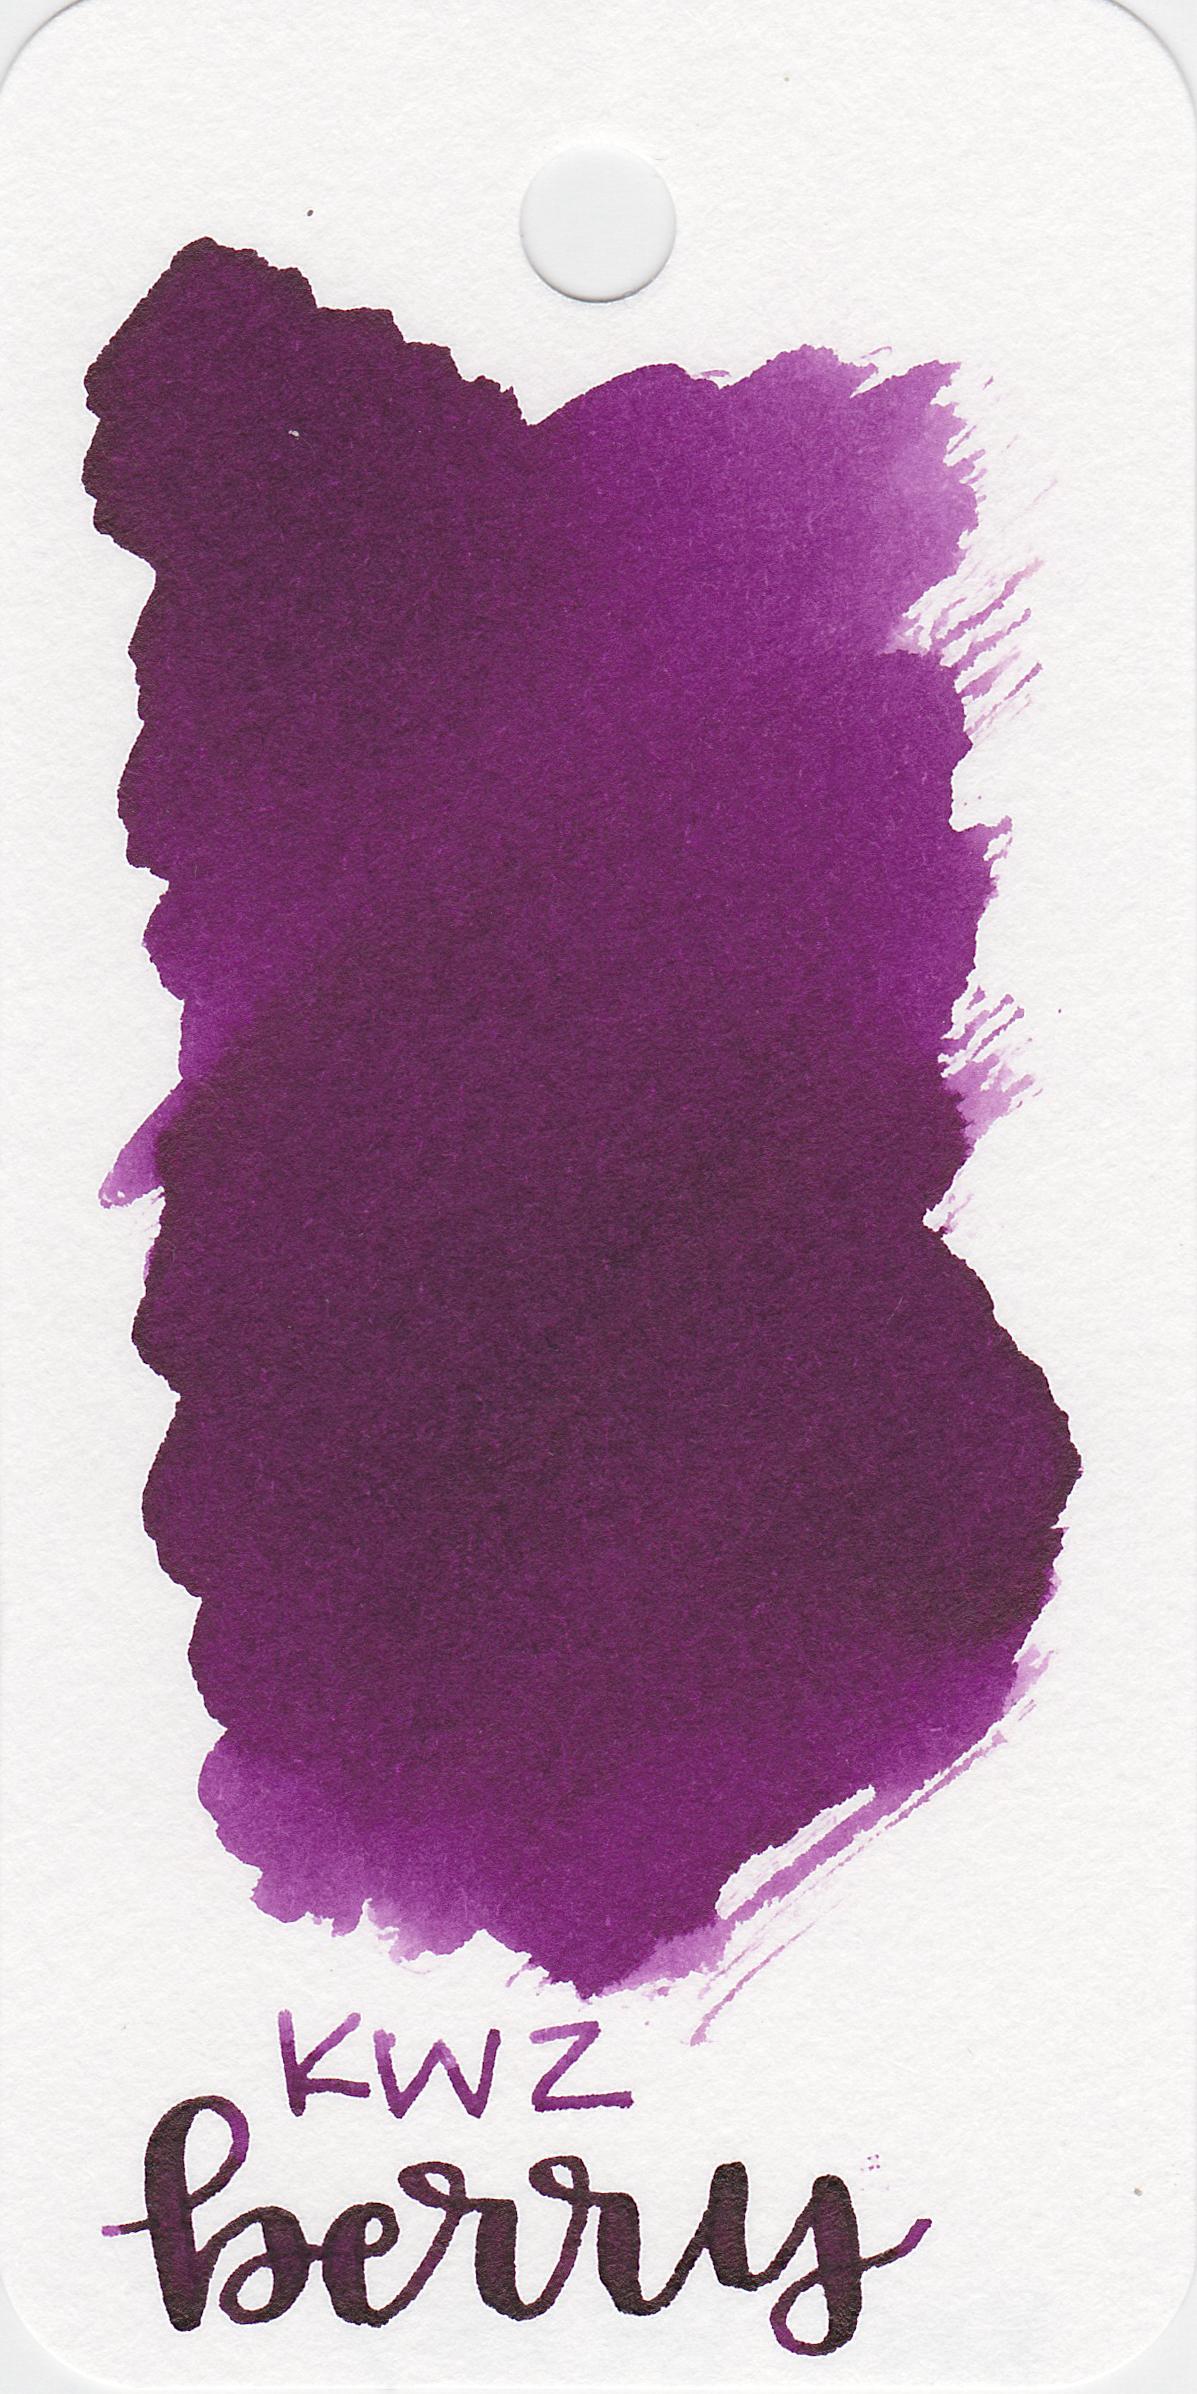 kwz-berry-1.jpg